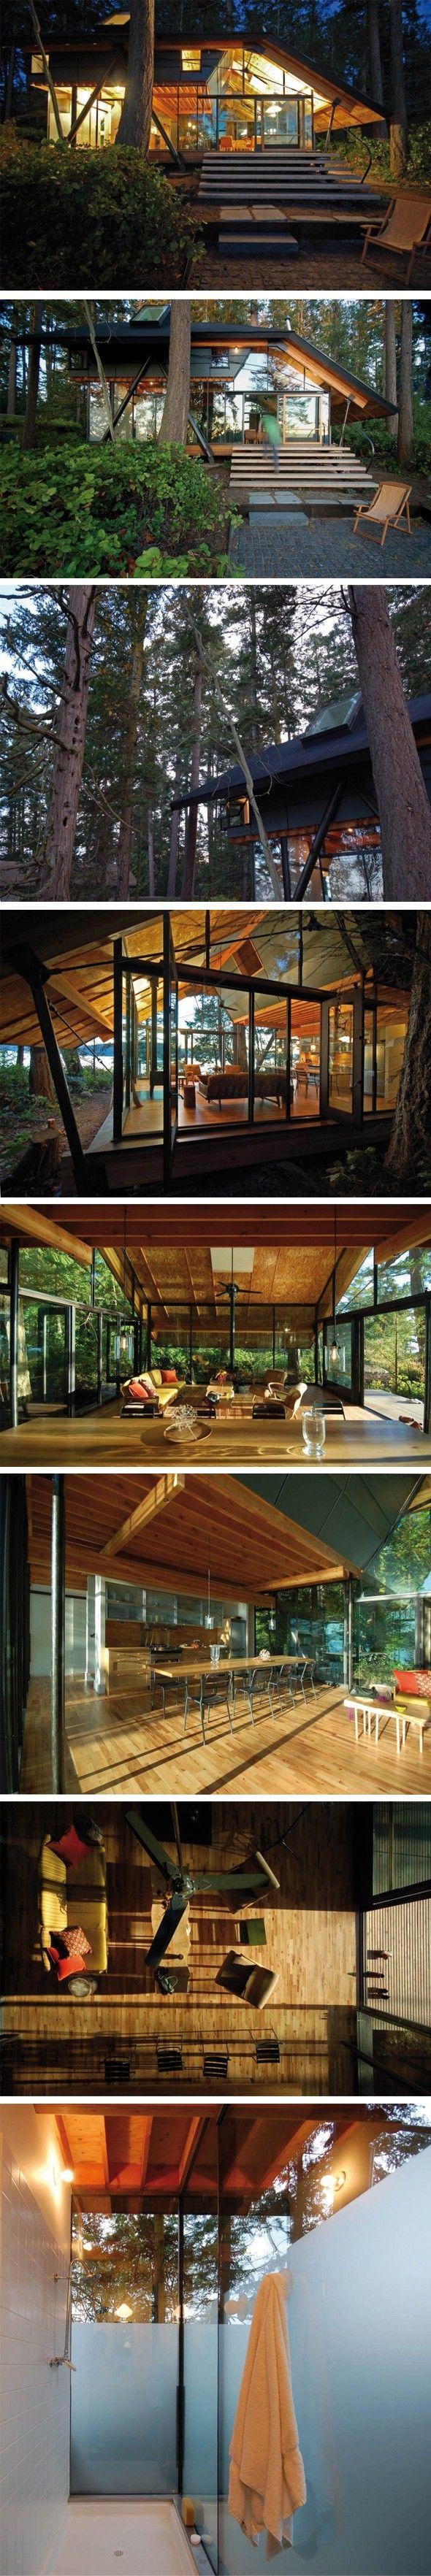 Charmante maison à Puget Sound, Washington Au milieu des bois et au bord de l'eau, cette maison est une ode à la nature et à son environnement. Conscient d